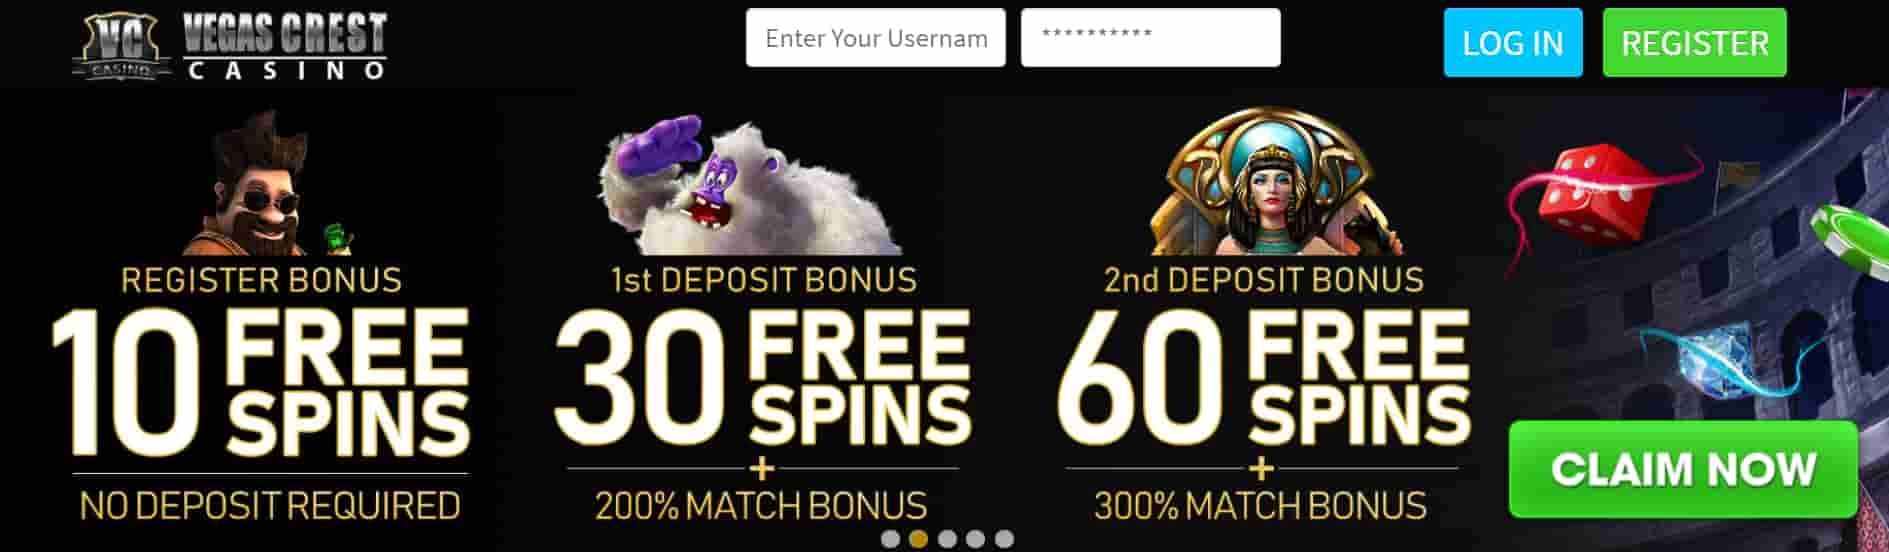 vegascrest casino bonus